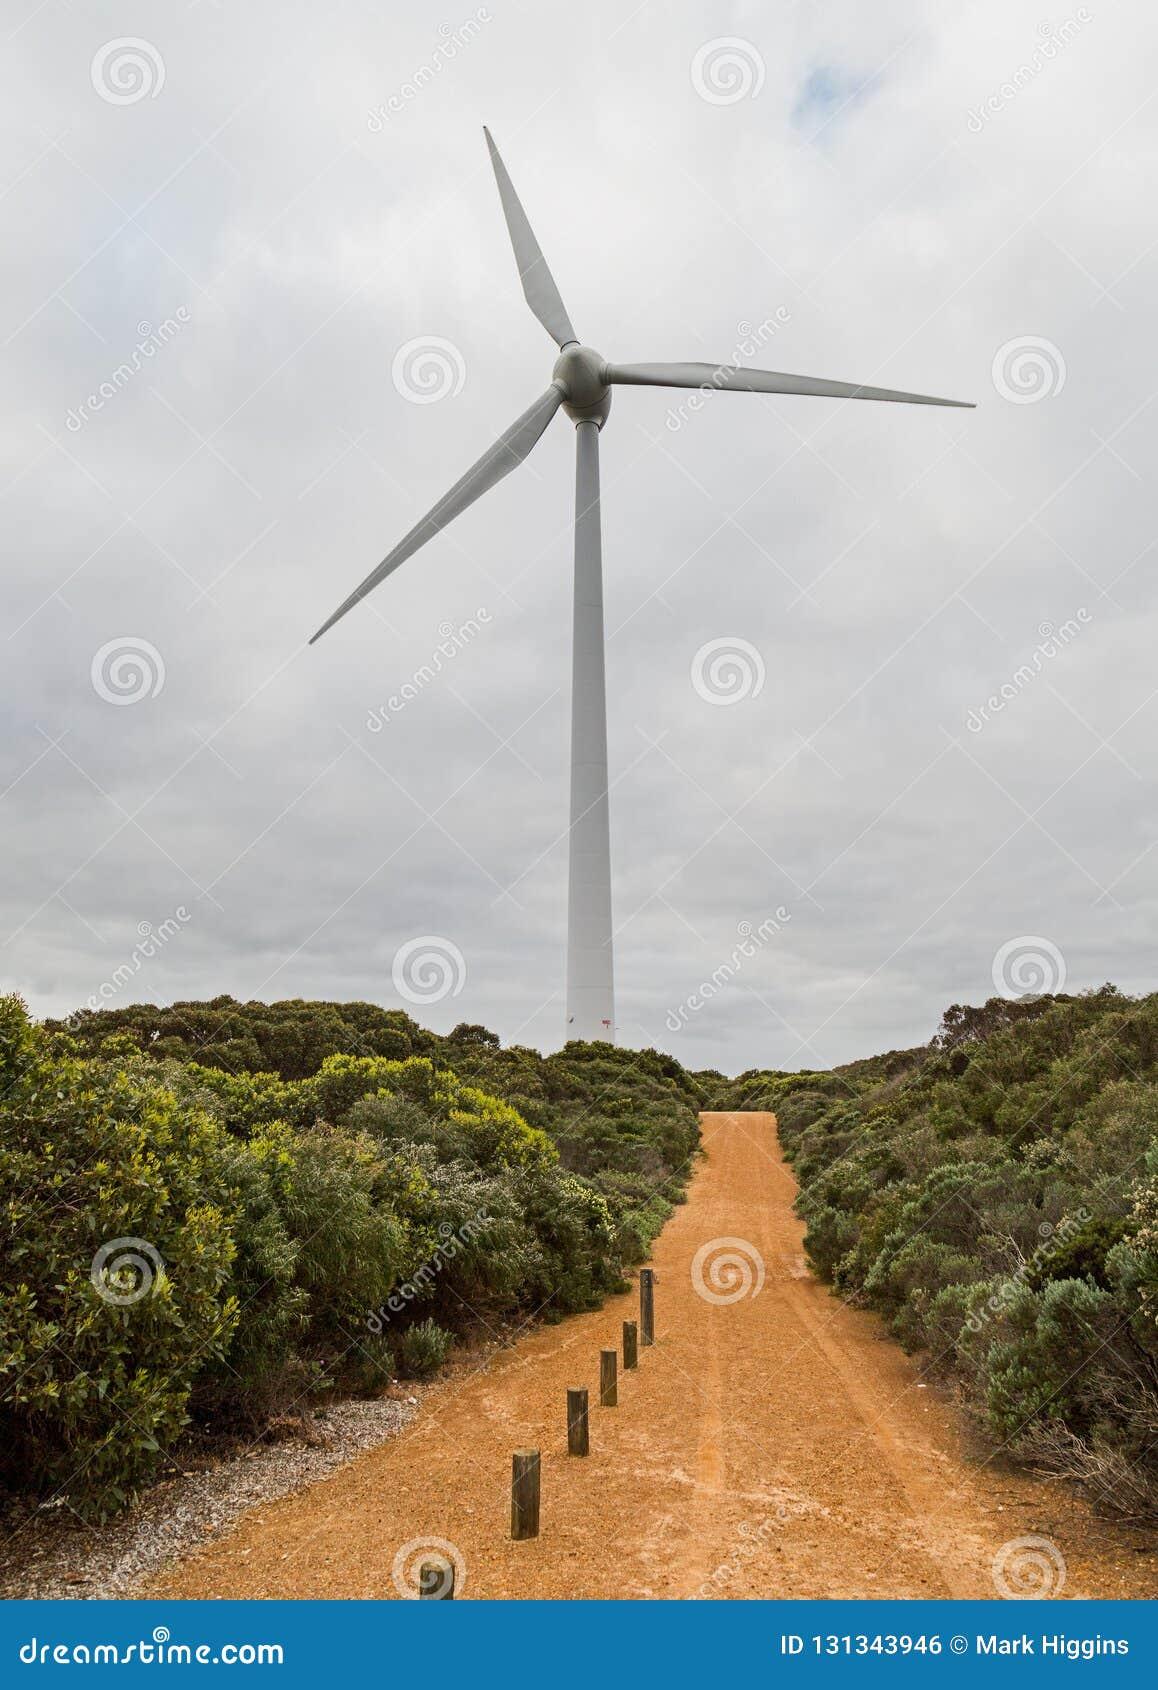 风轮机阿尔巴尼澳大利亚西部